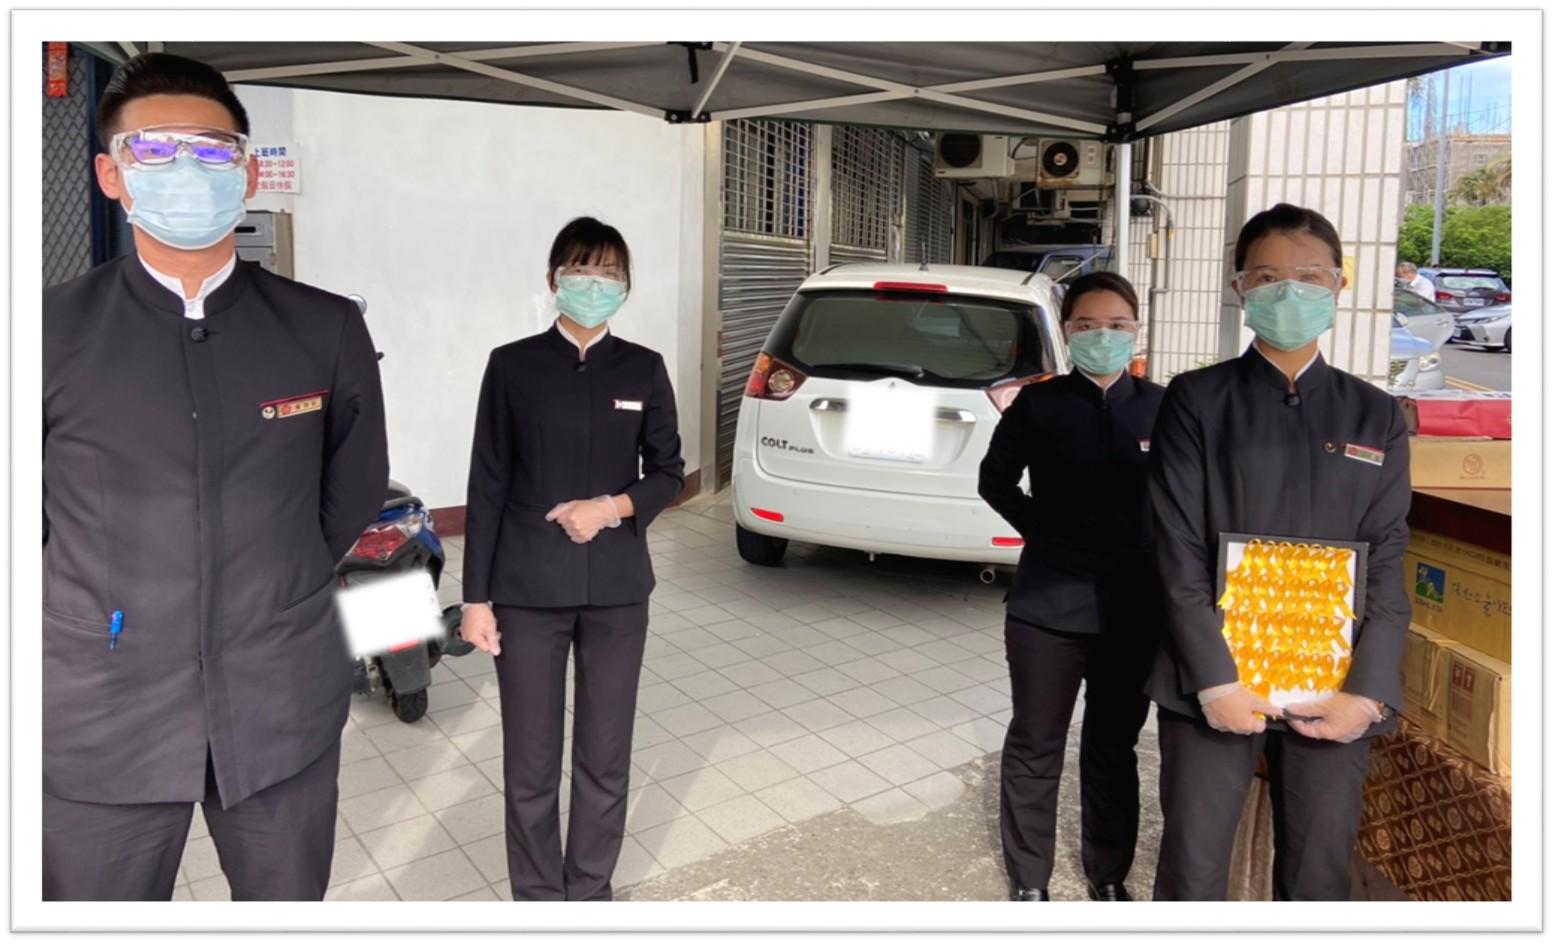 龍巖照顧第一線服務同仁,提供完備的防疫物資.jpg